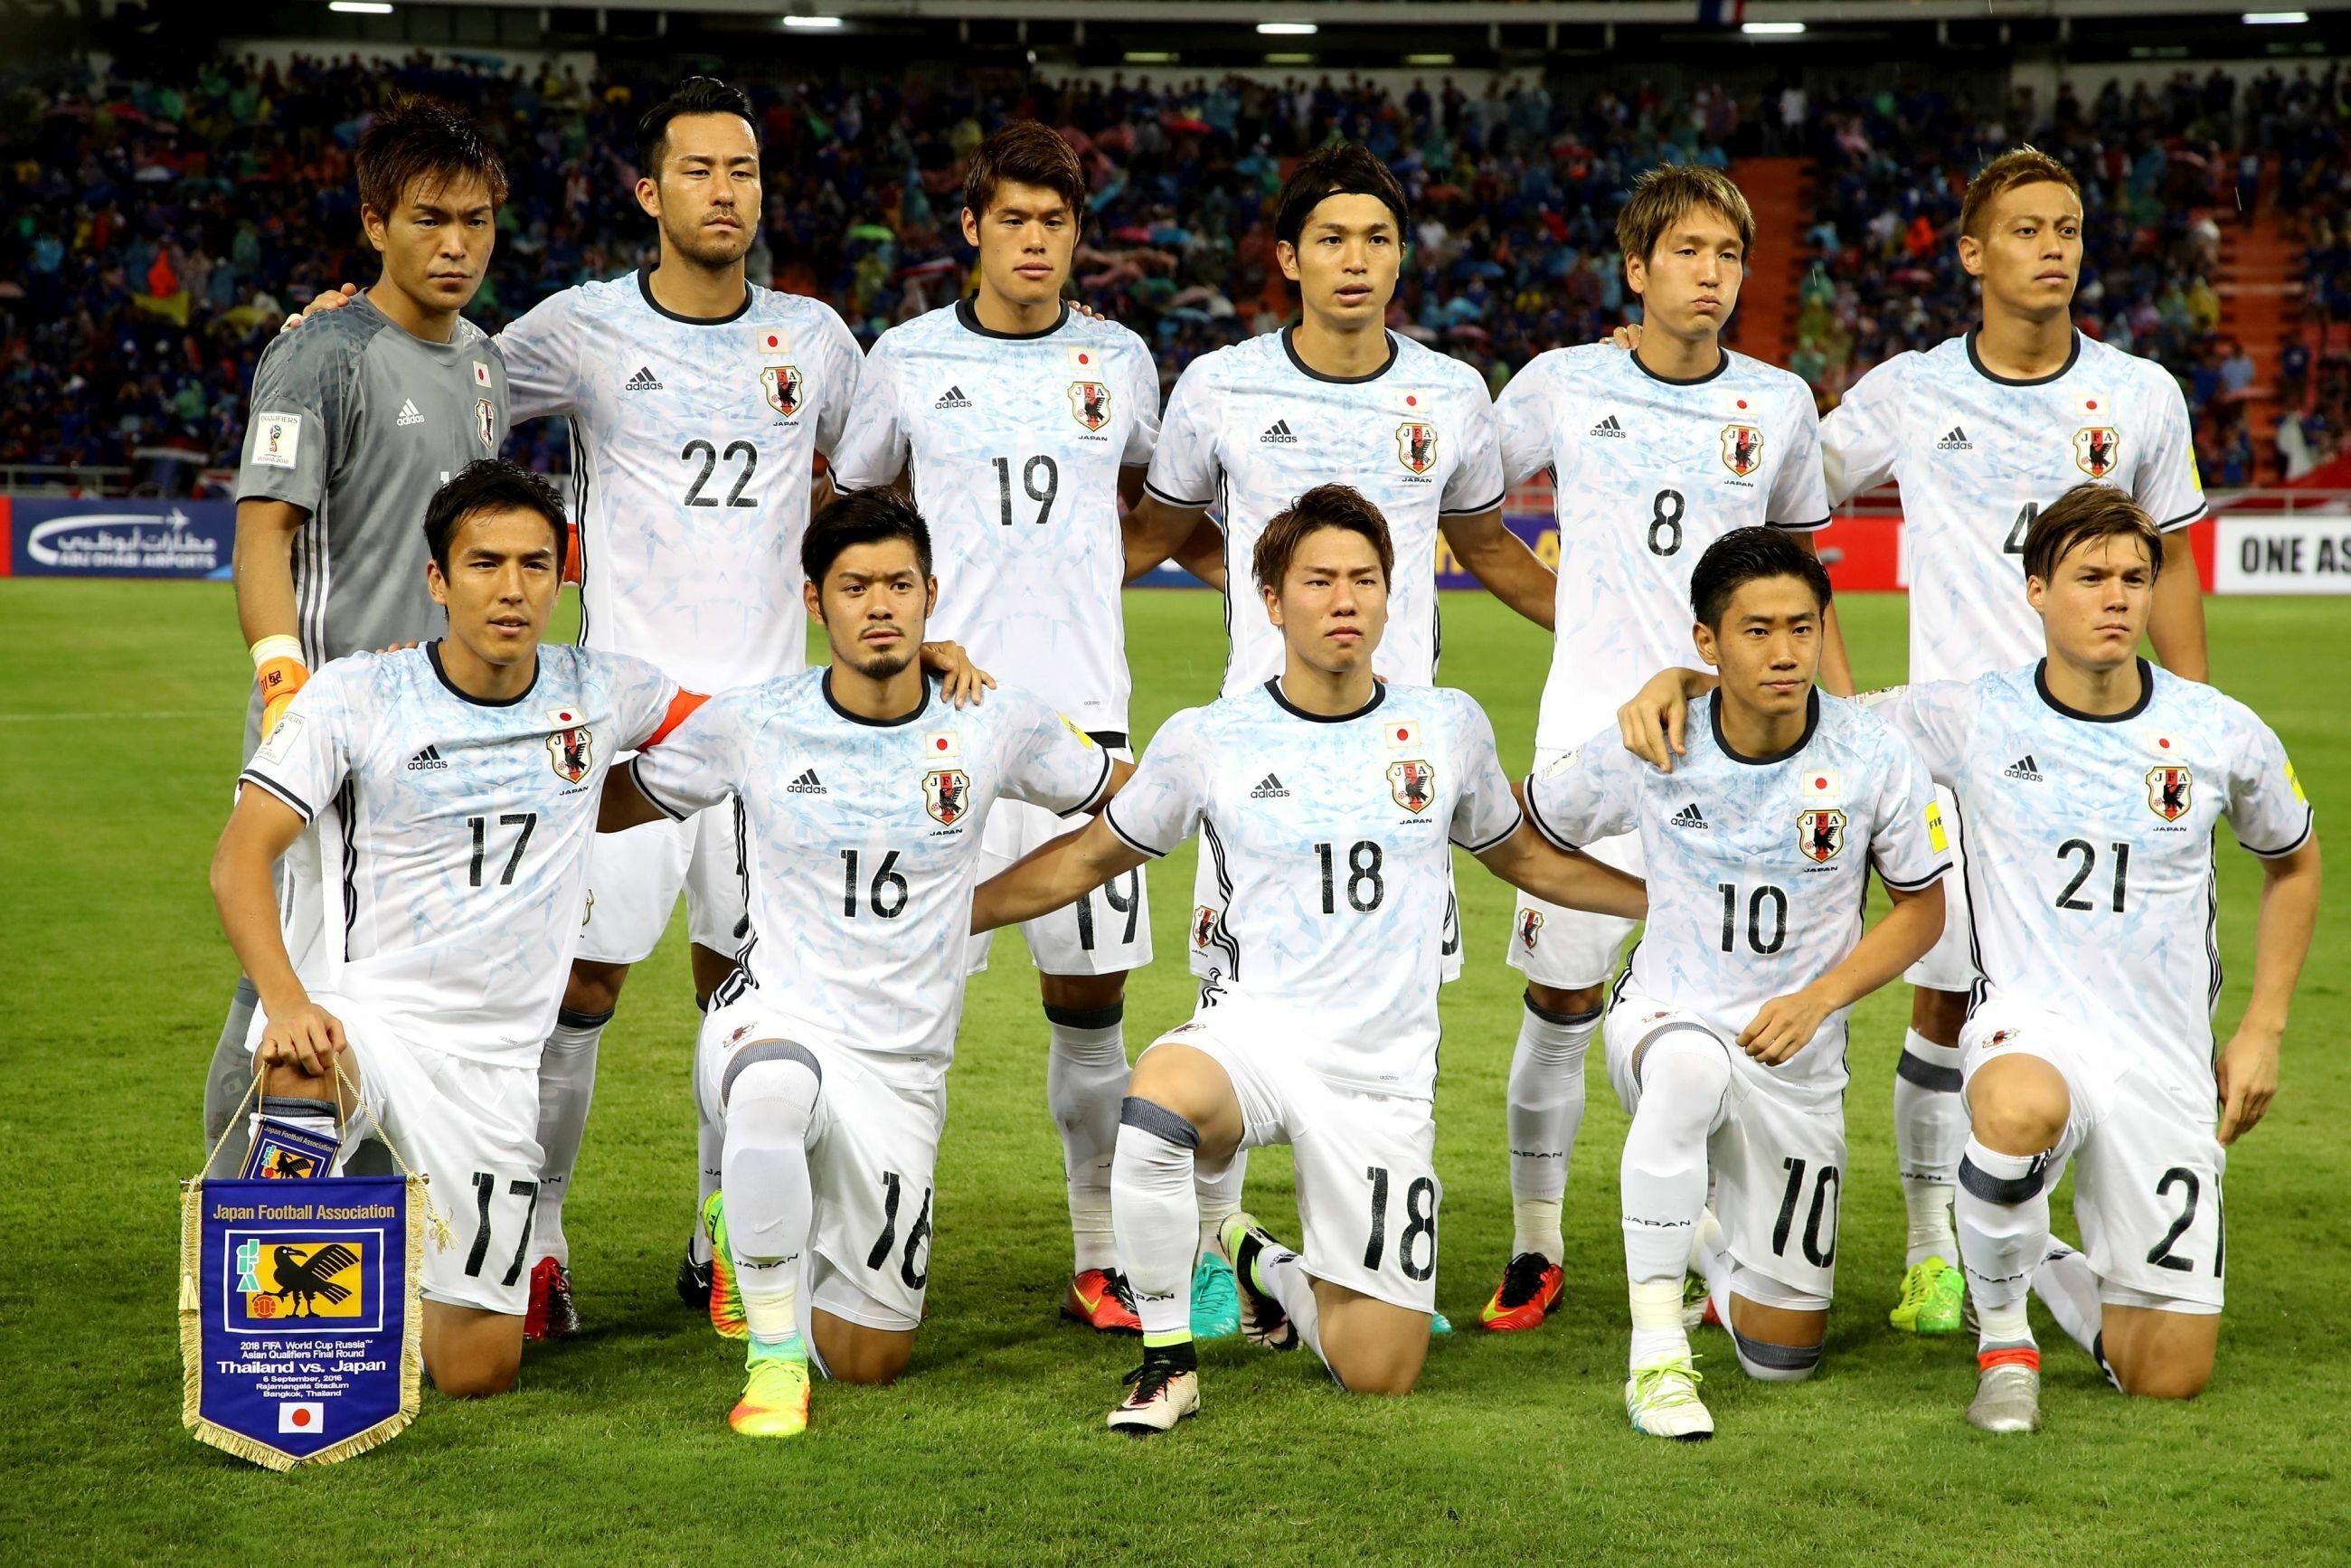 Reprezentacja Japonii